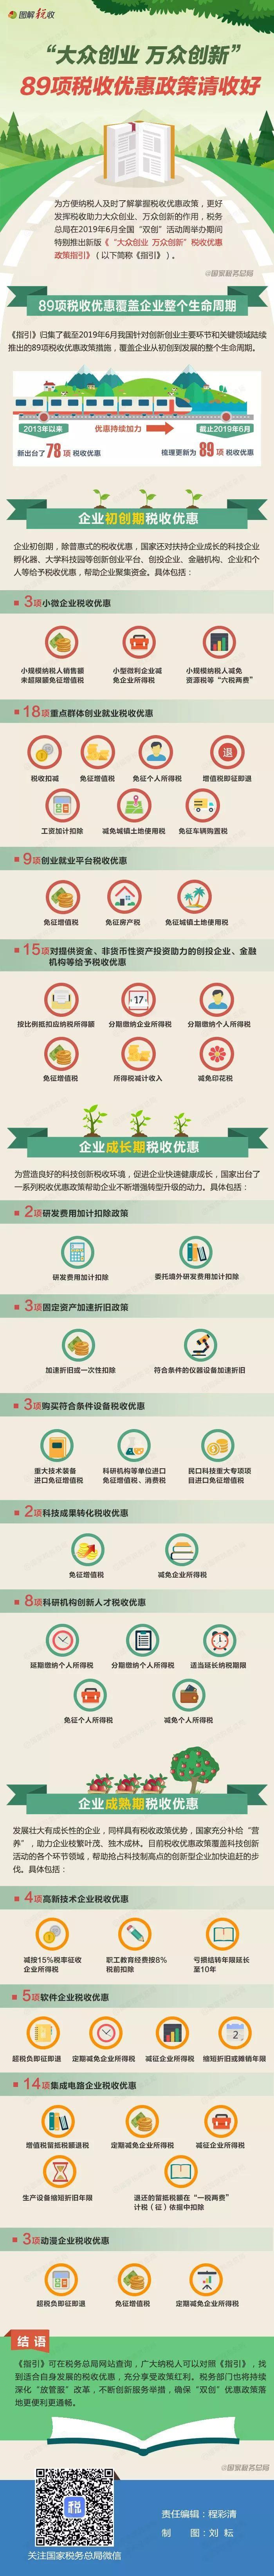 """@全体创业者,89项""""双创""""税收优惠政股票配资策请收好"""